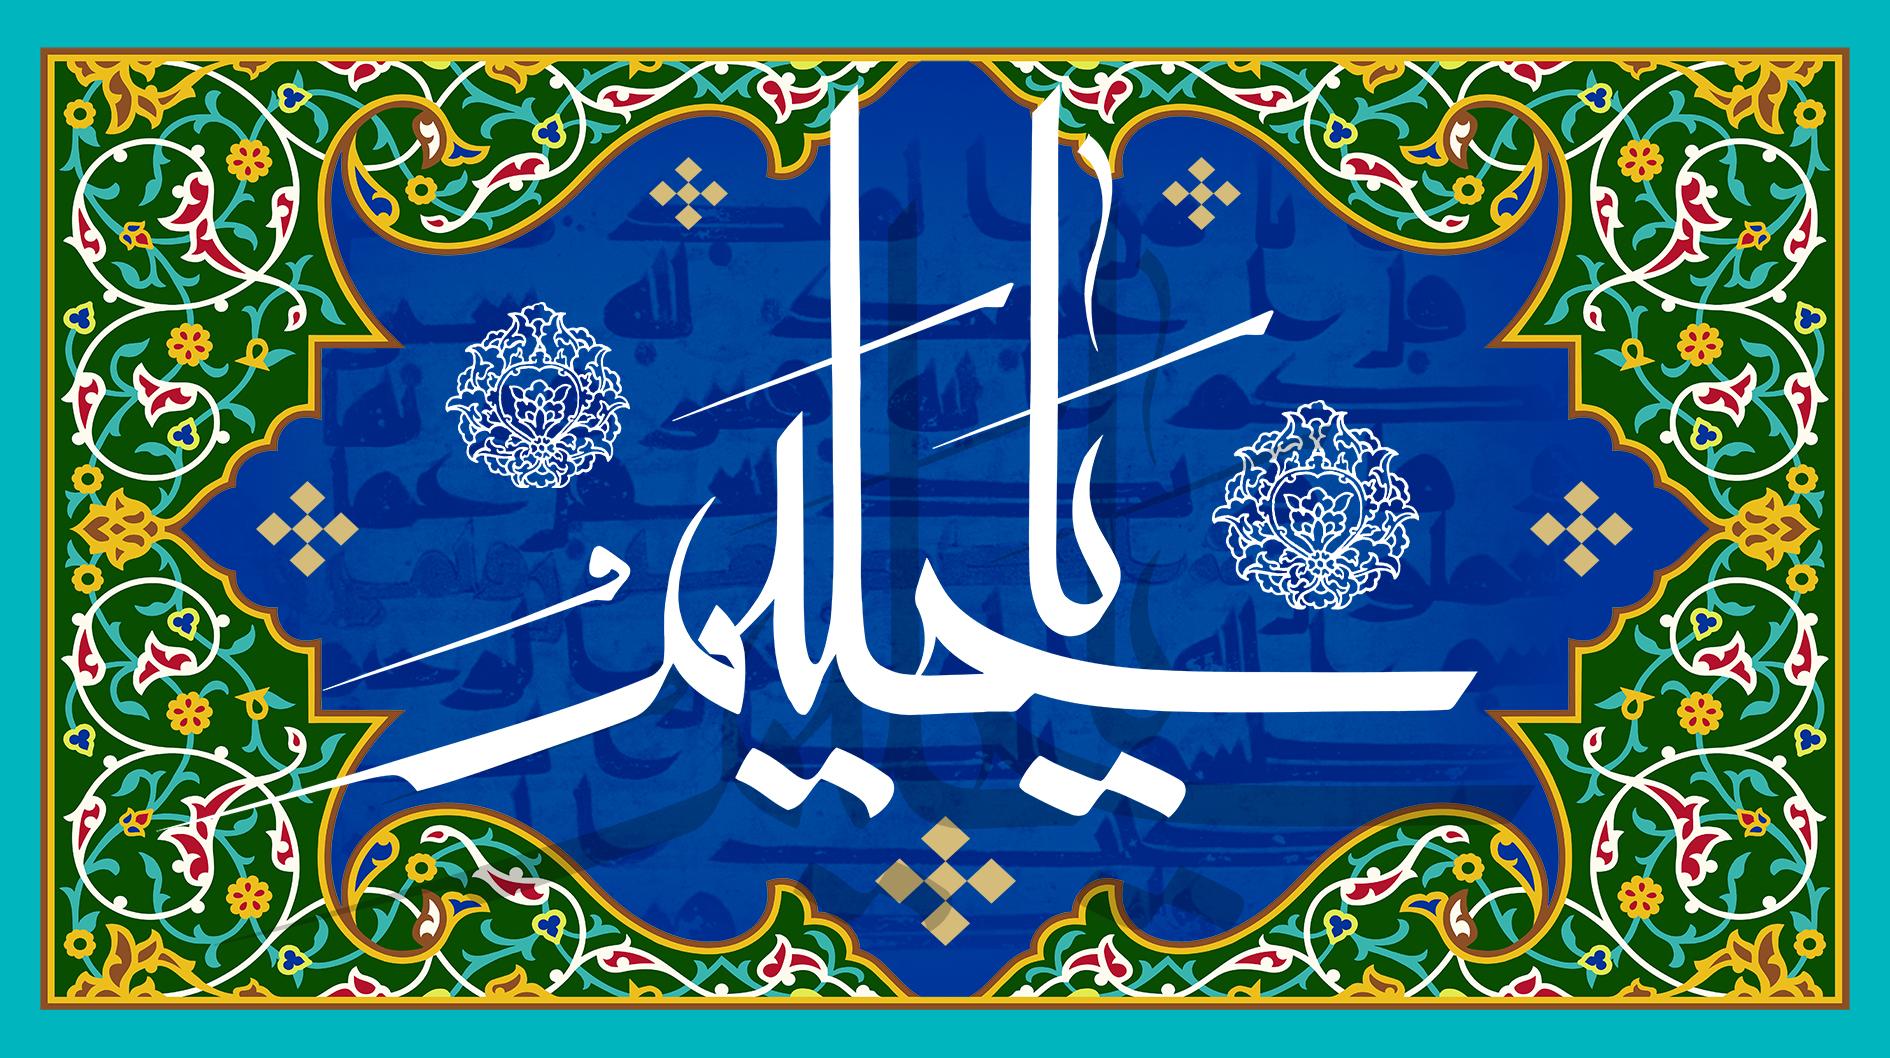 تصویر از پرچم ادعیه رمضان مدل 01552